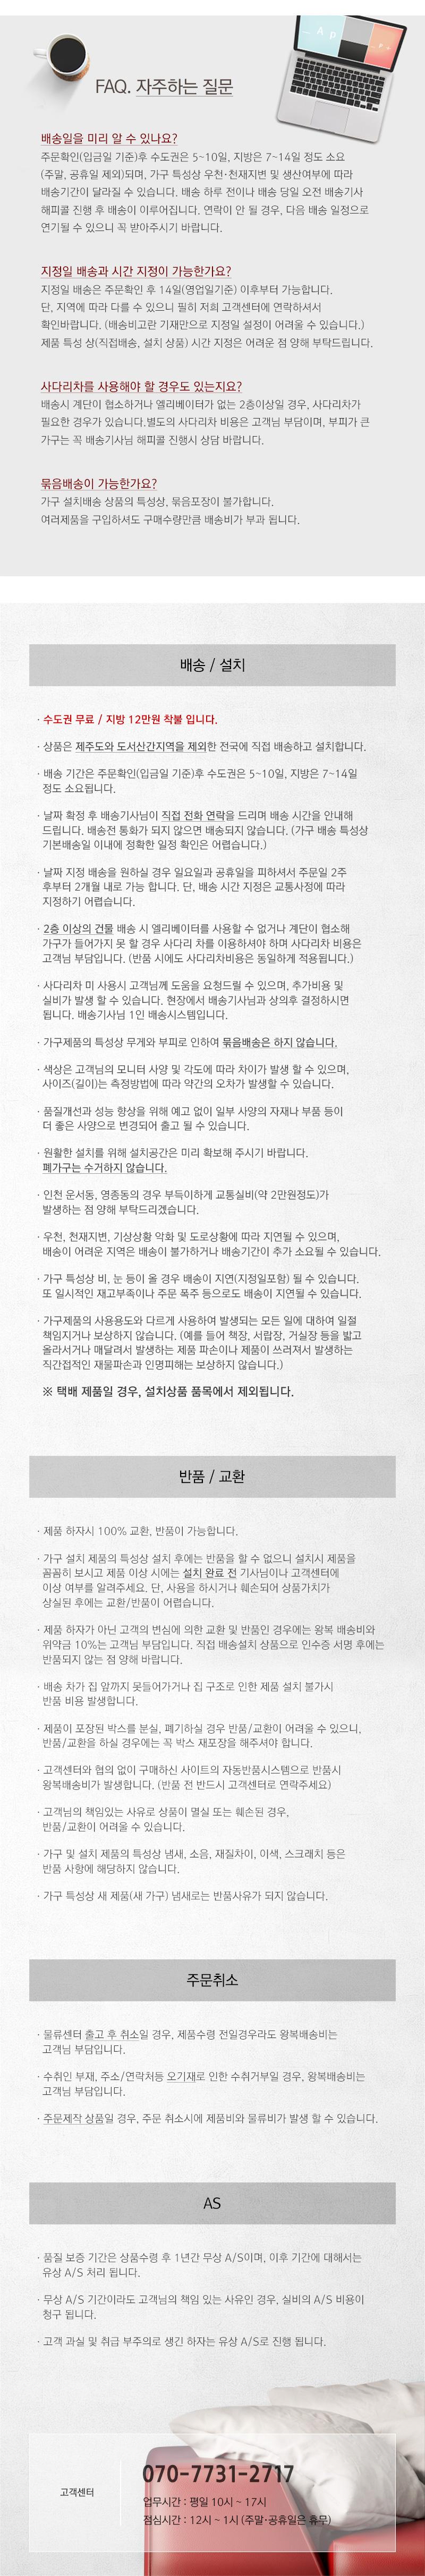 프리모 원목 장롱 풀세트 - 인우드, 2,092,500원, 붙박이장/장롱, 붙박이장/세트